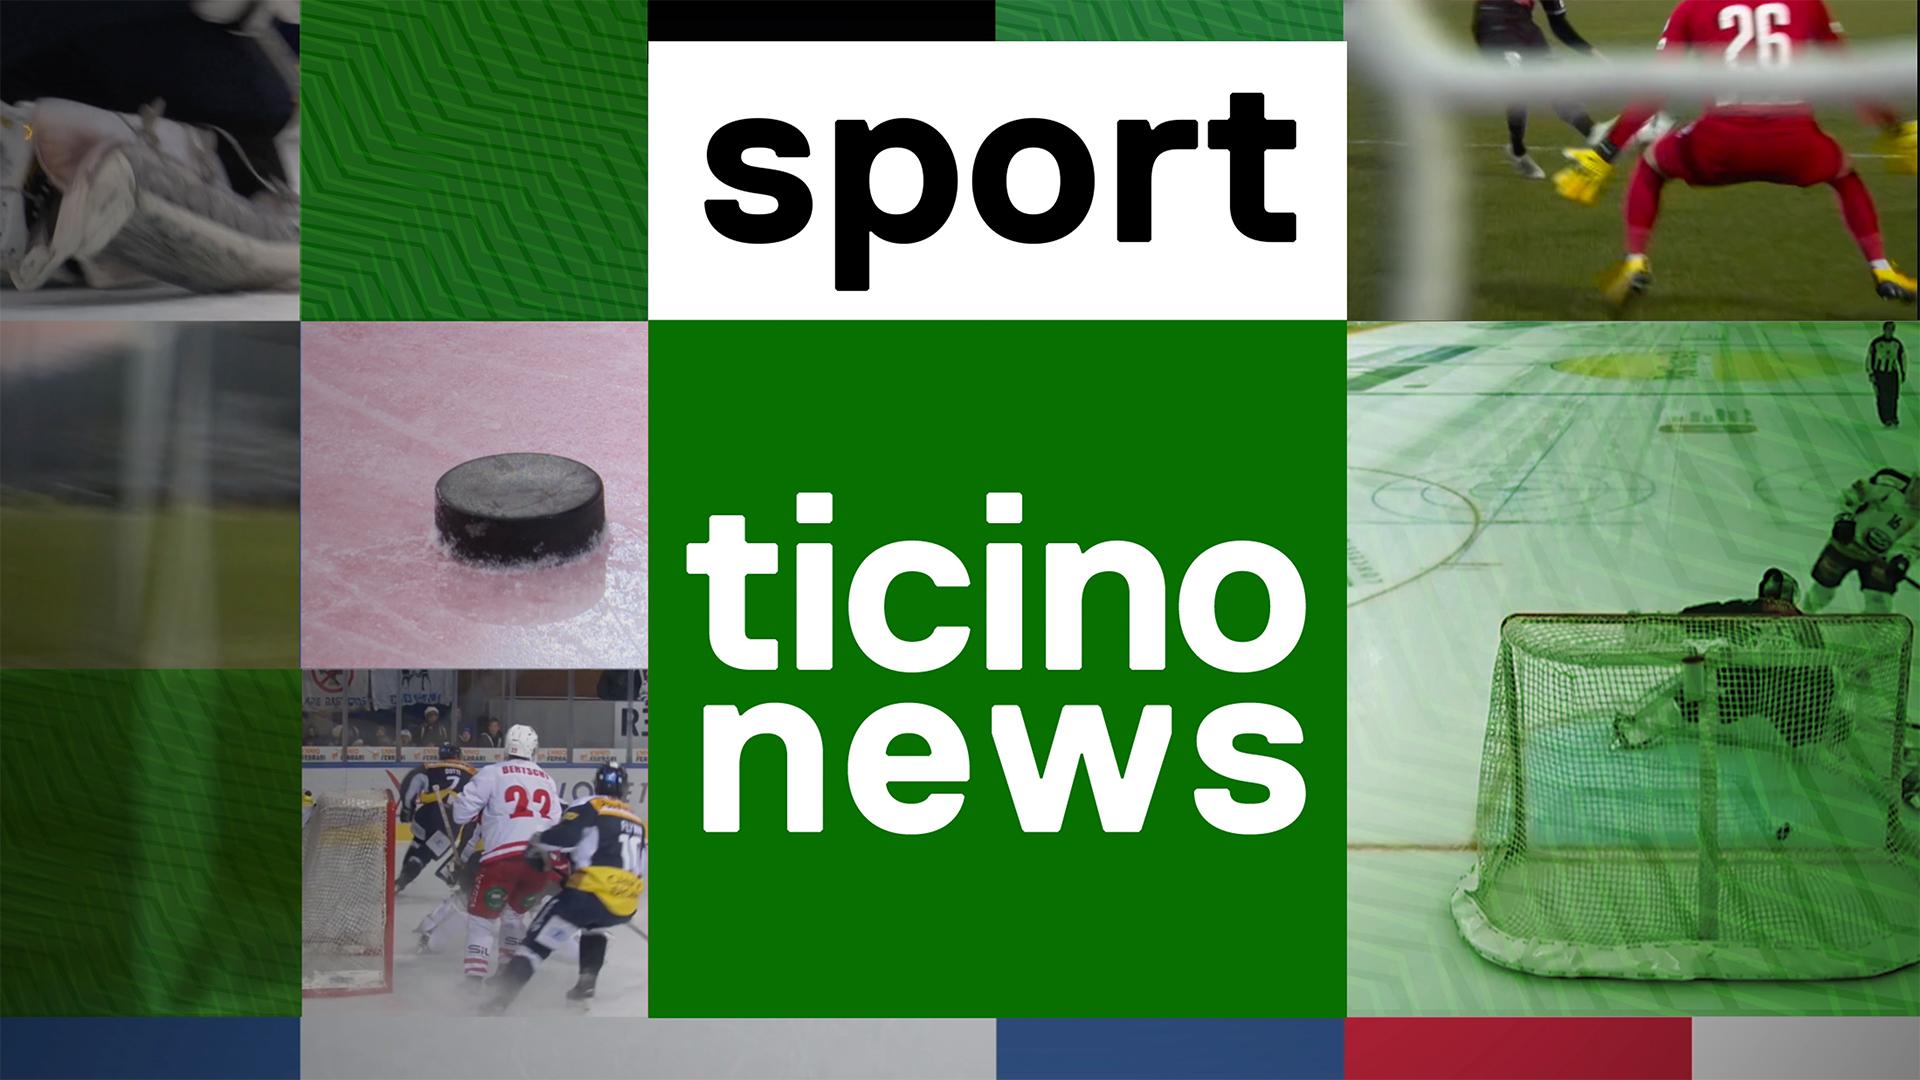 tg-sport